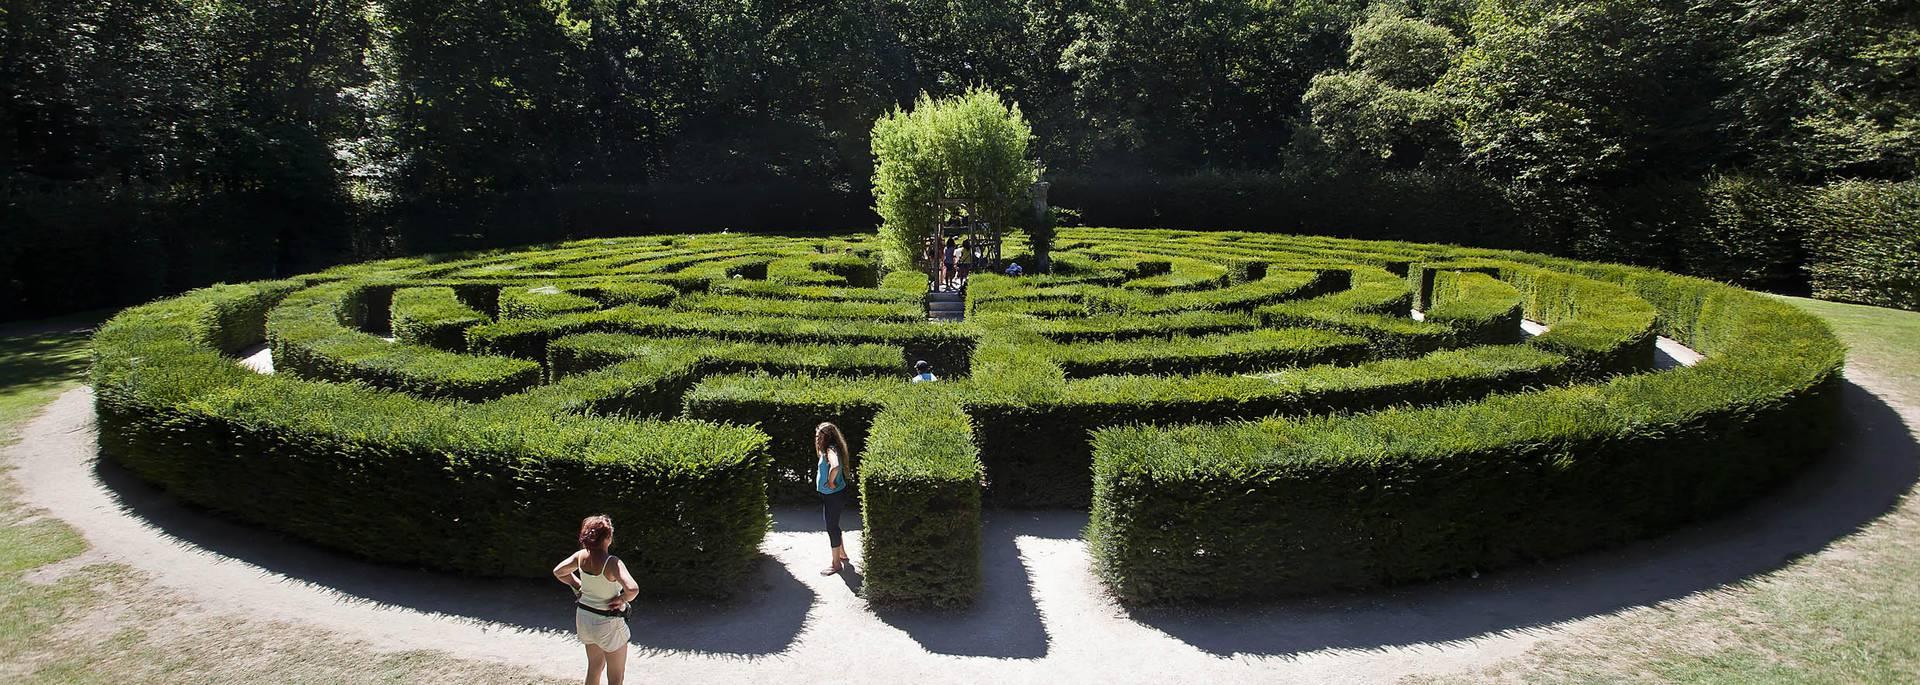 The gardens of the Château de Chenonceau © Images de Marc